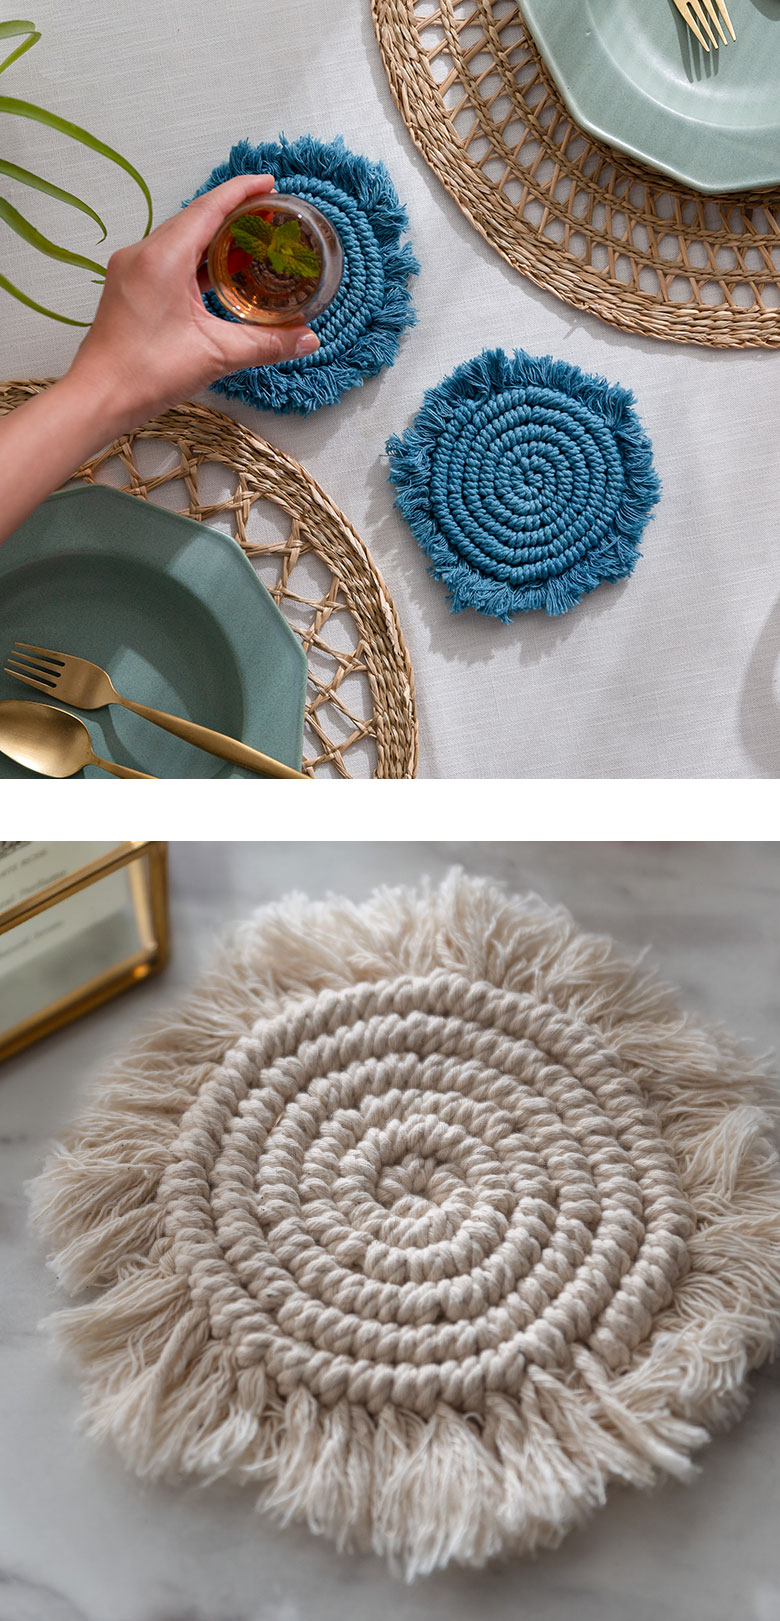 インドの職人のハンドメイドで作られた、繊細なマクラメ編みが魅力。